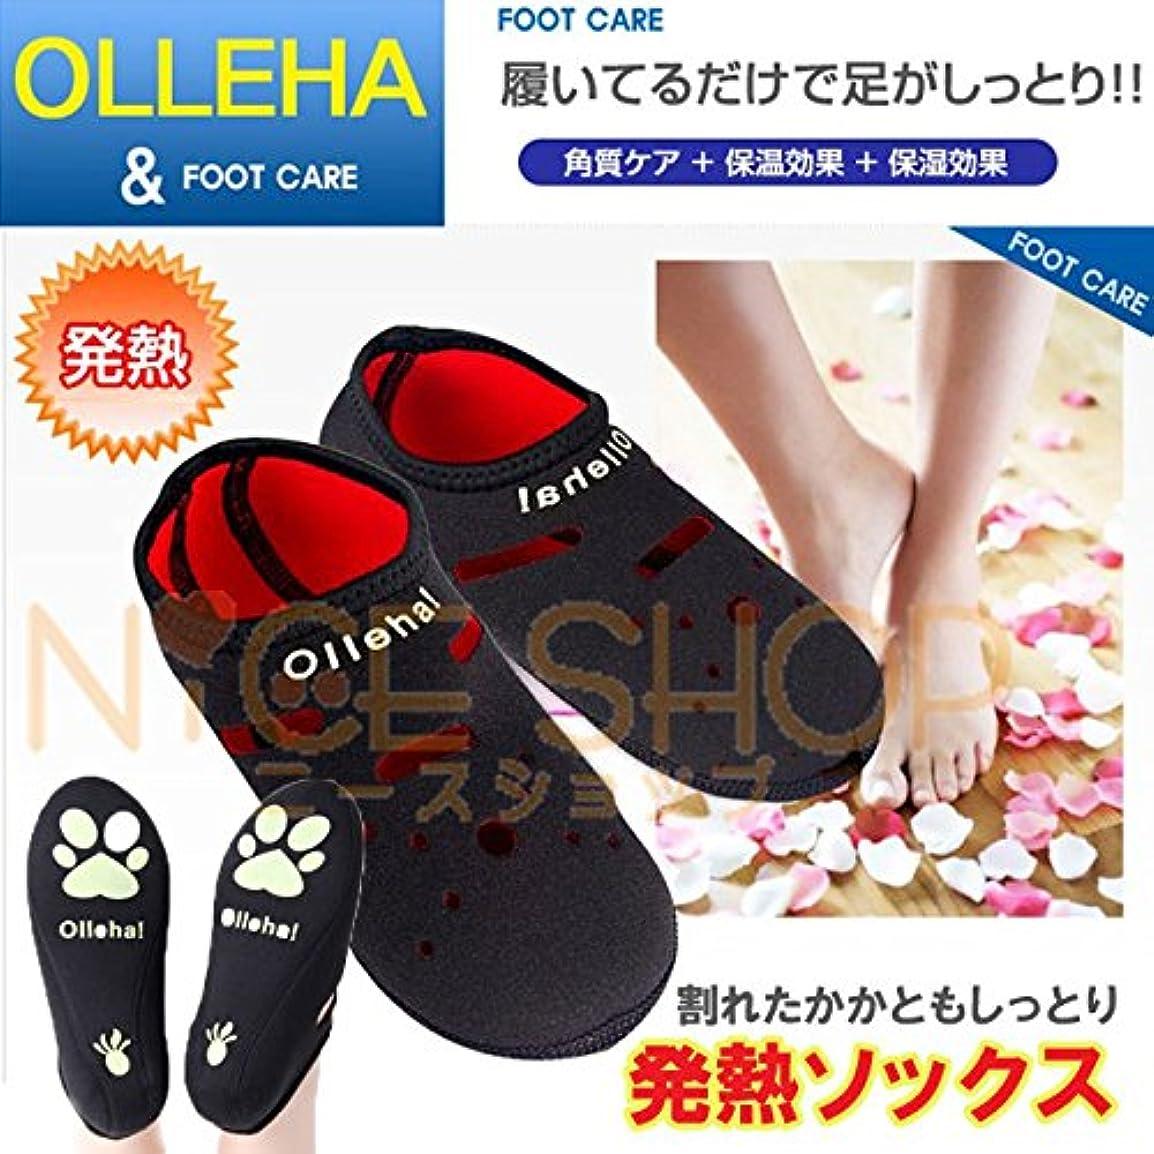 公ポーン潜在的な発熱靴下(足袋)発熱ソックス、フットケアー Olleha! (M(23.5~24.0))